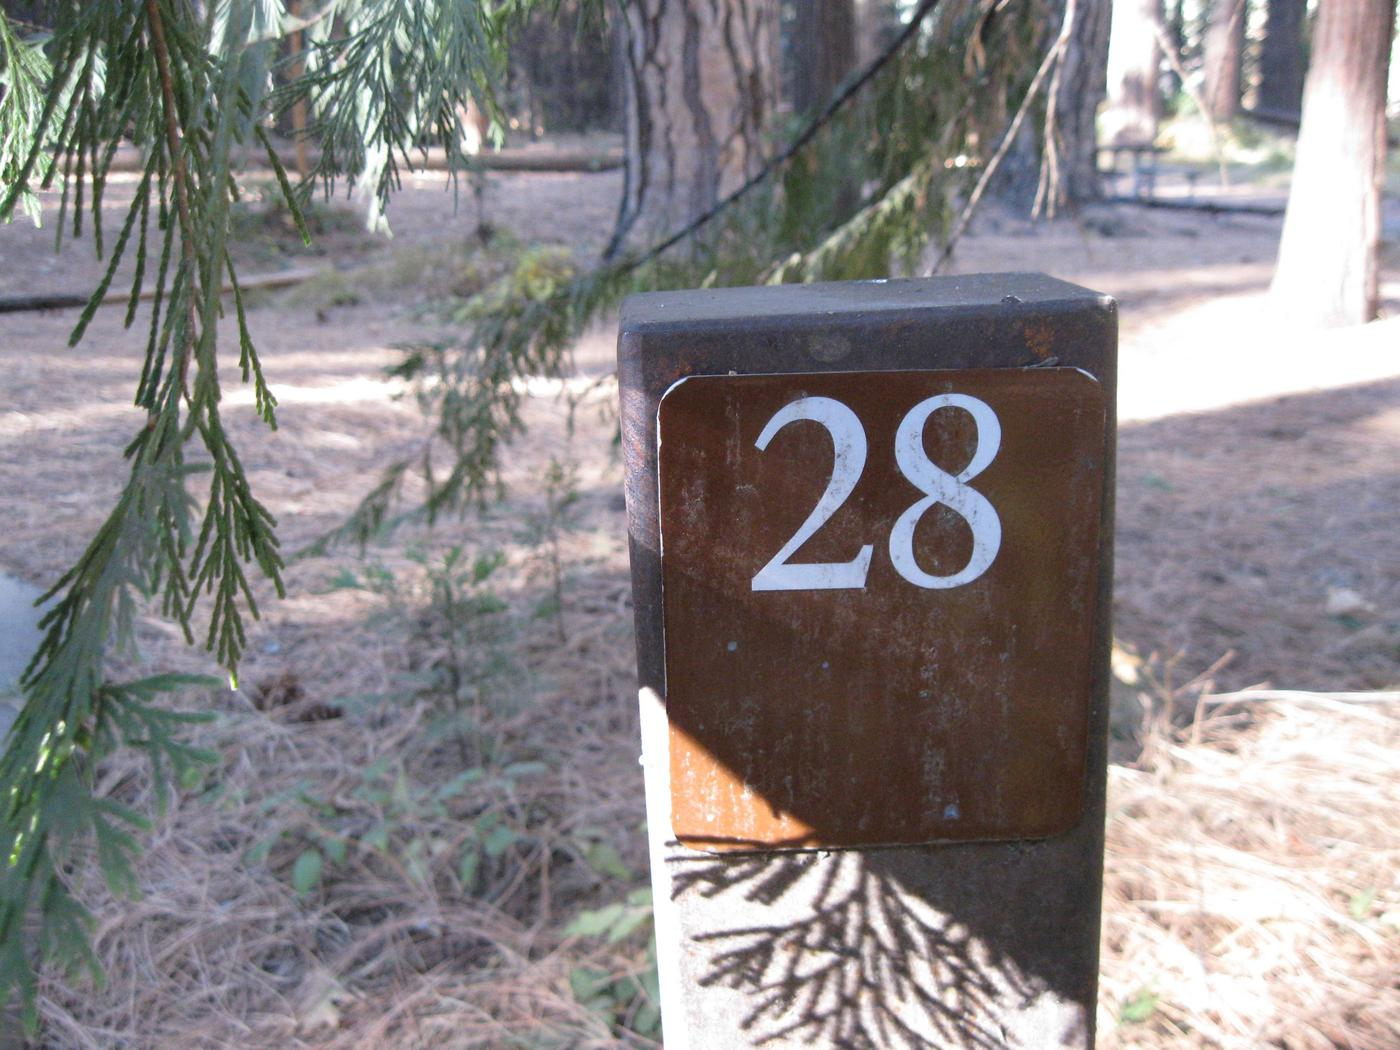 Site 28